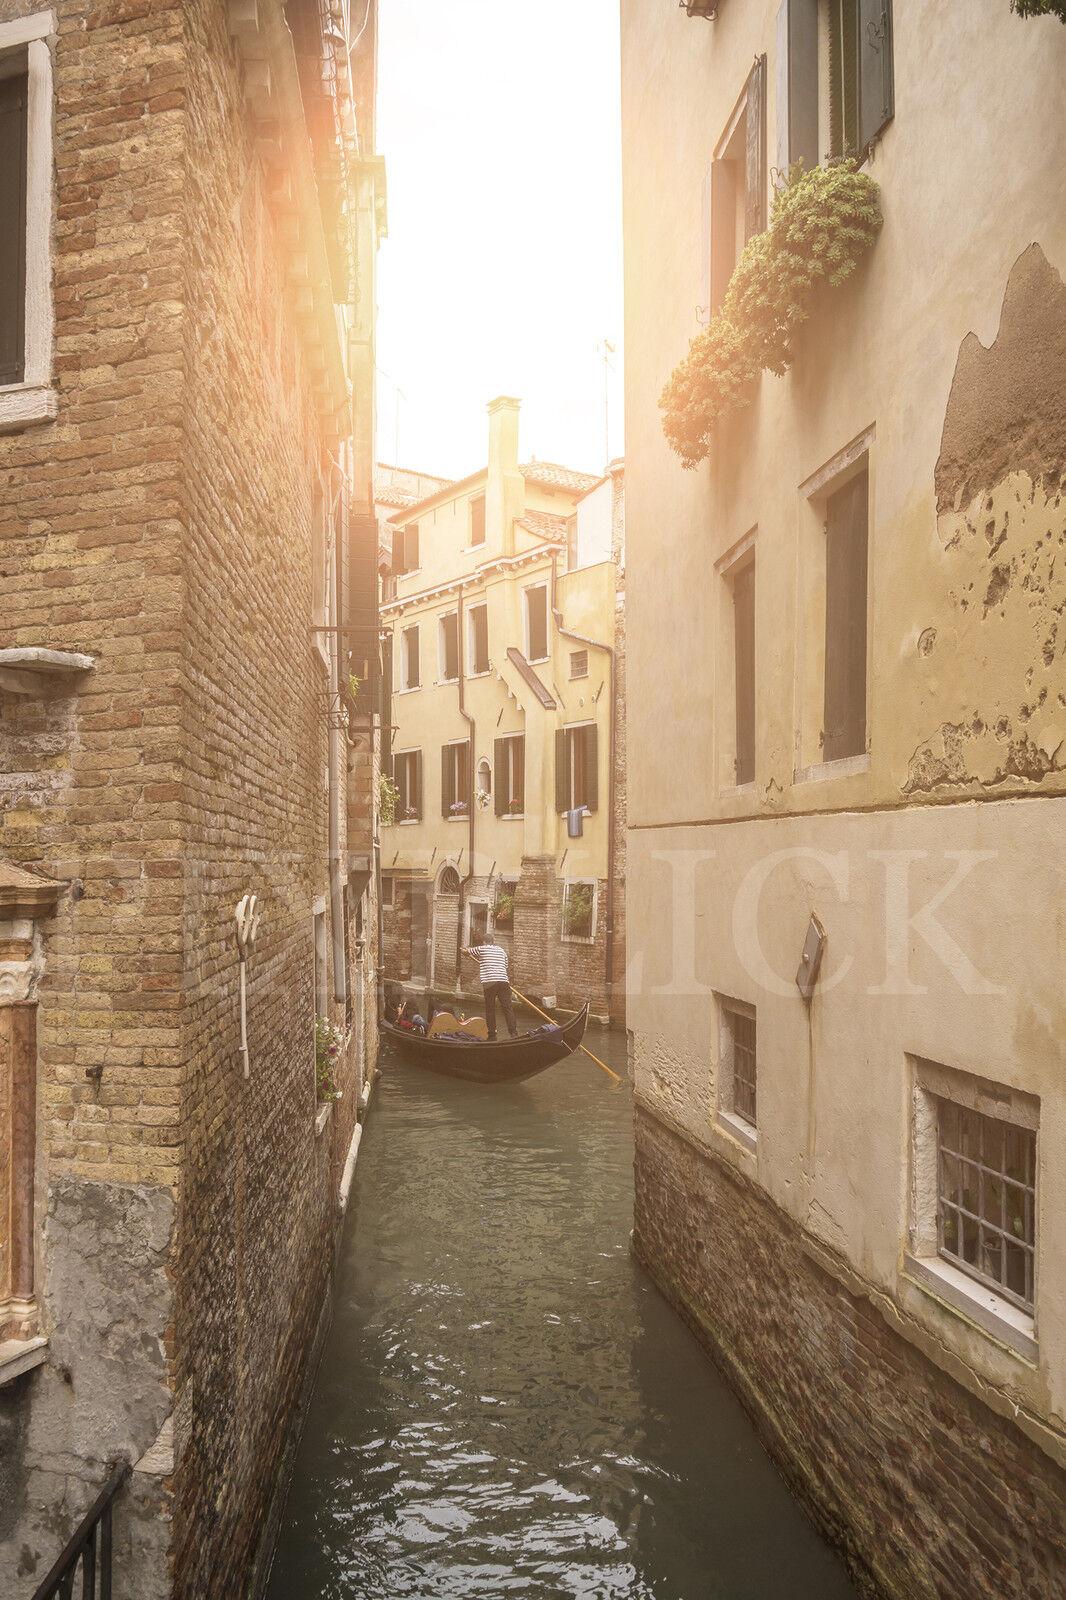 Fensterbild Venedig Gasse Gondel Milchglasfolie (Sichtschutz) wiederablösbar | Stilvoll Stilvoll Stilvoll und lustig  625684